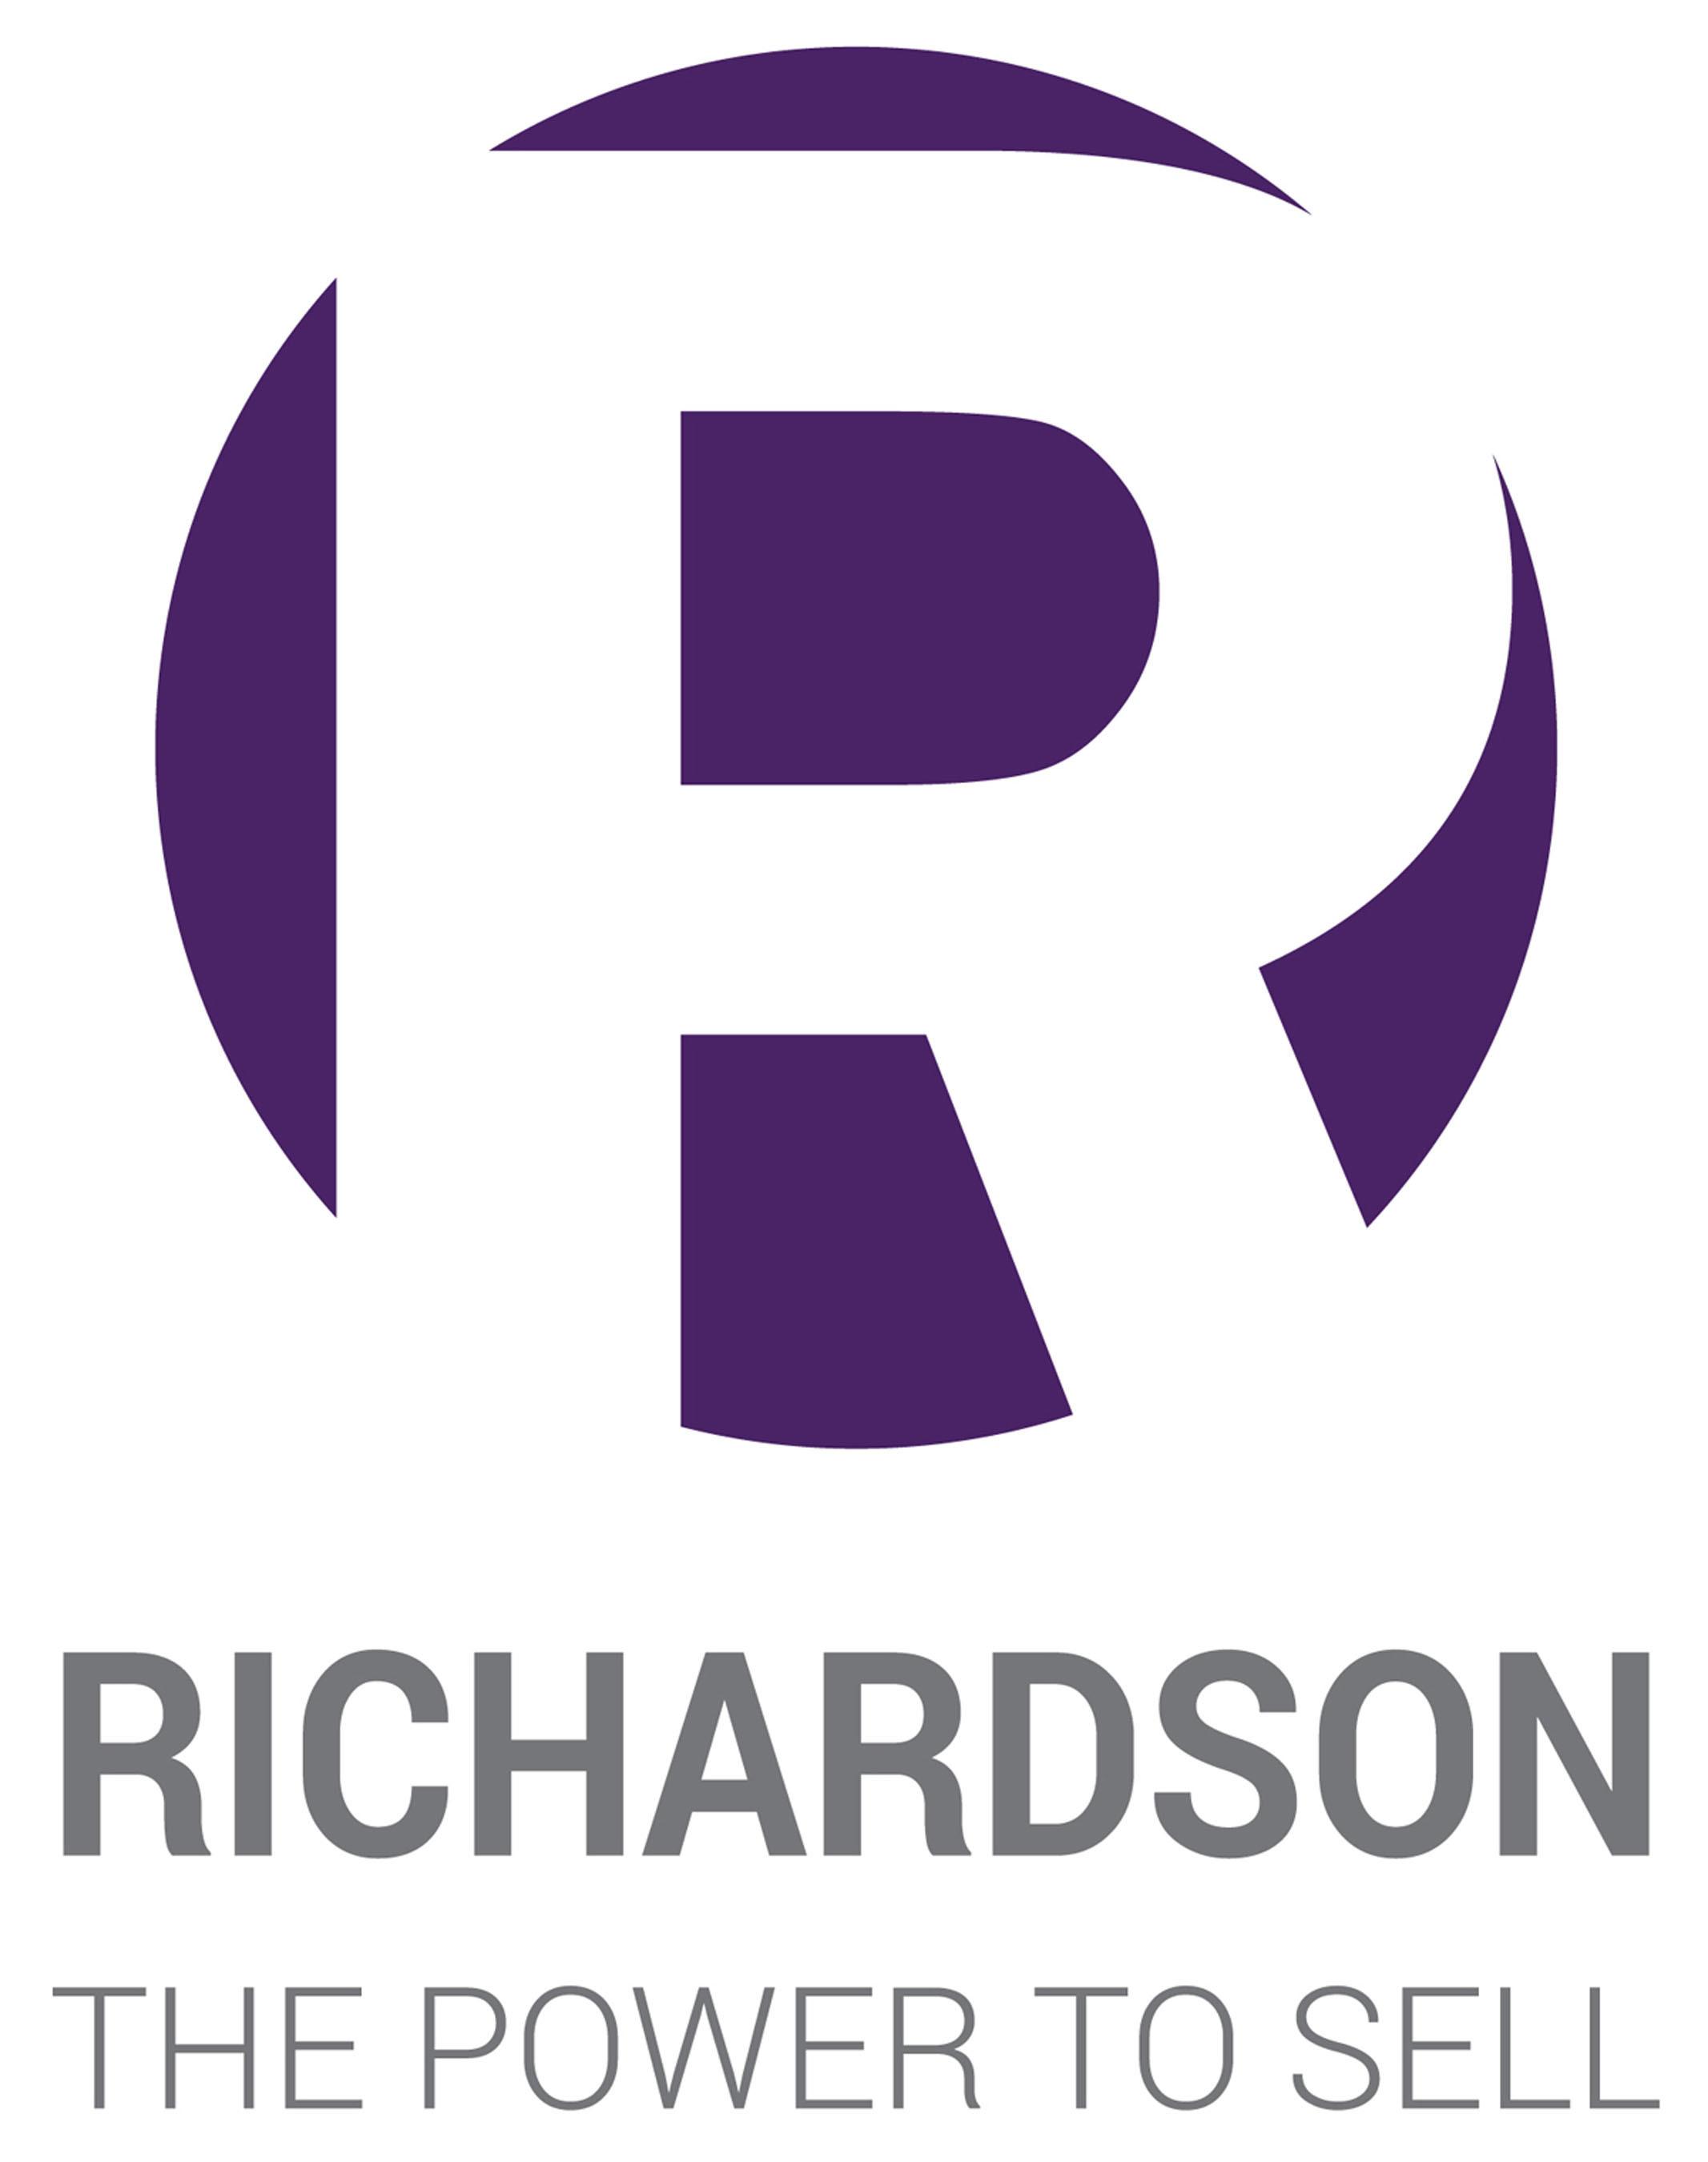 Richardson logo.